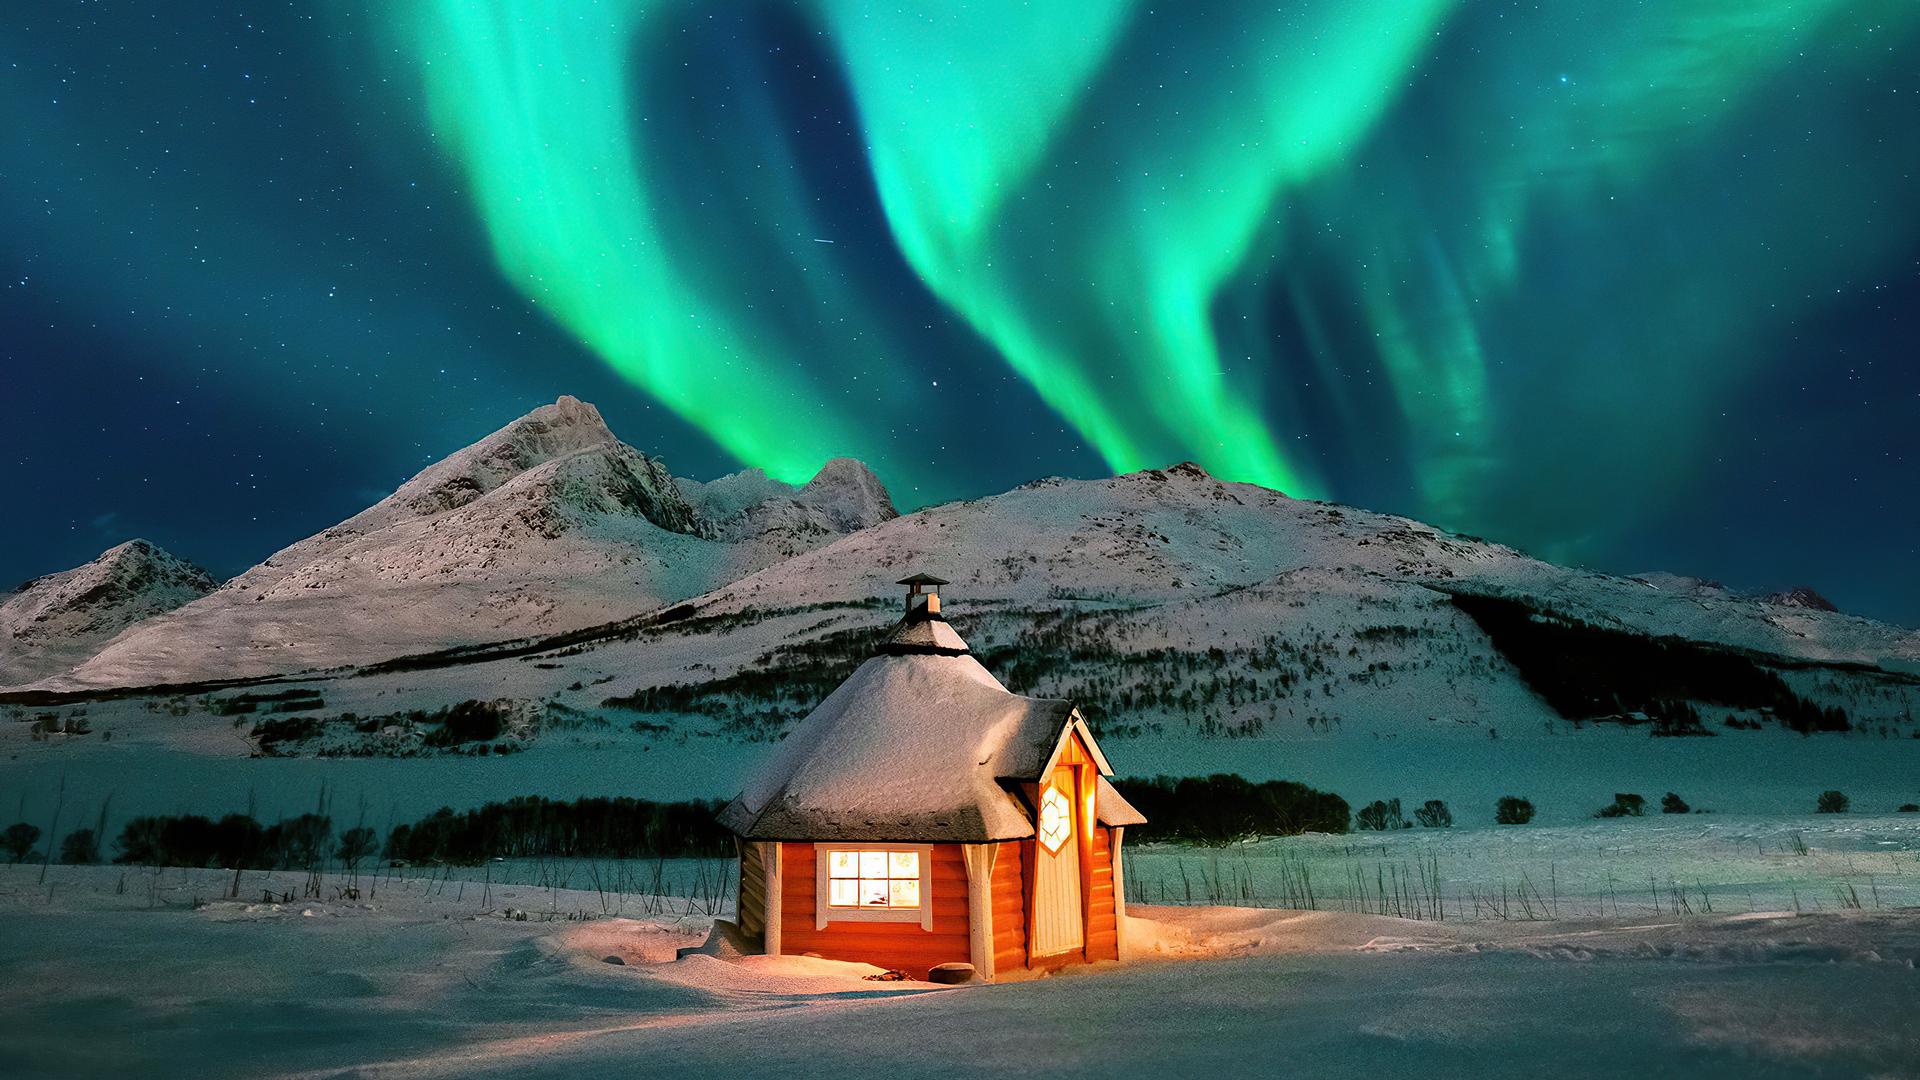 house-near-aurora-4k-us.jpg